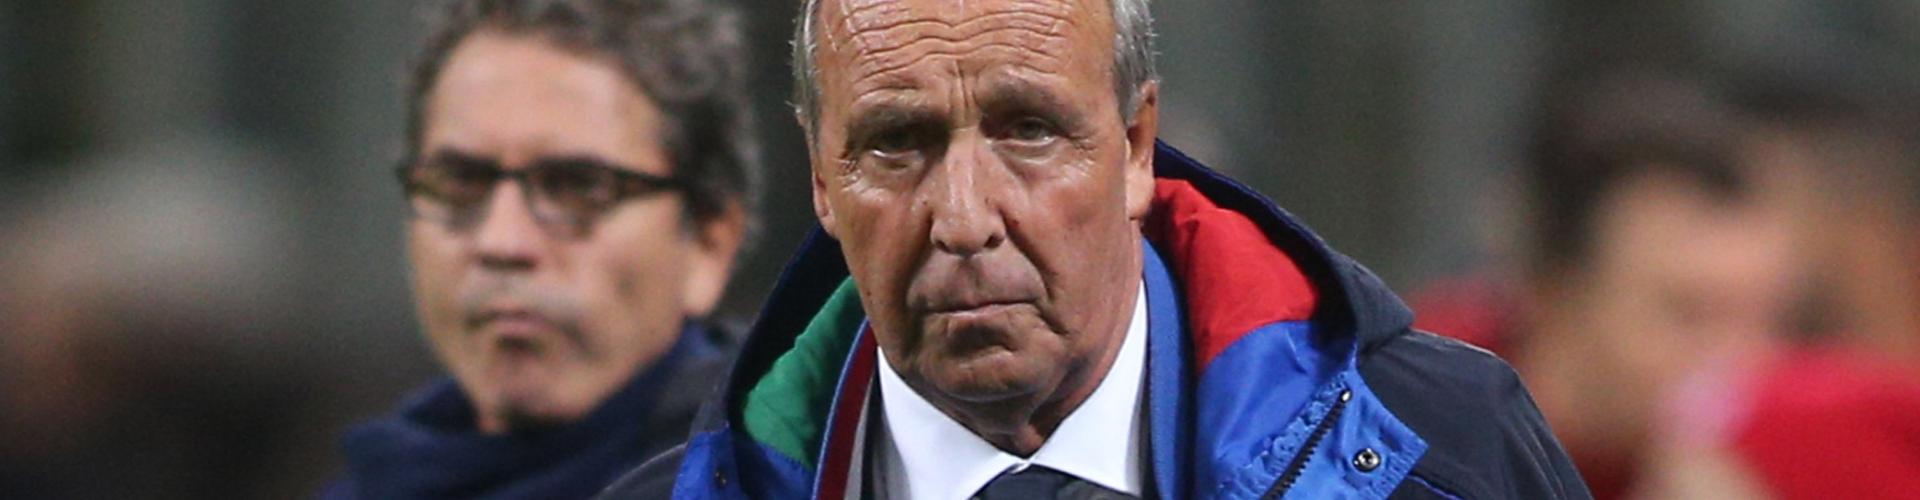 Torino, rivoluzione in corso. Possibile Ventura nuovo direttore tecnico